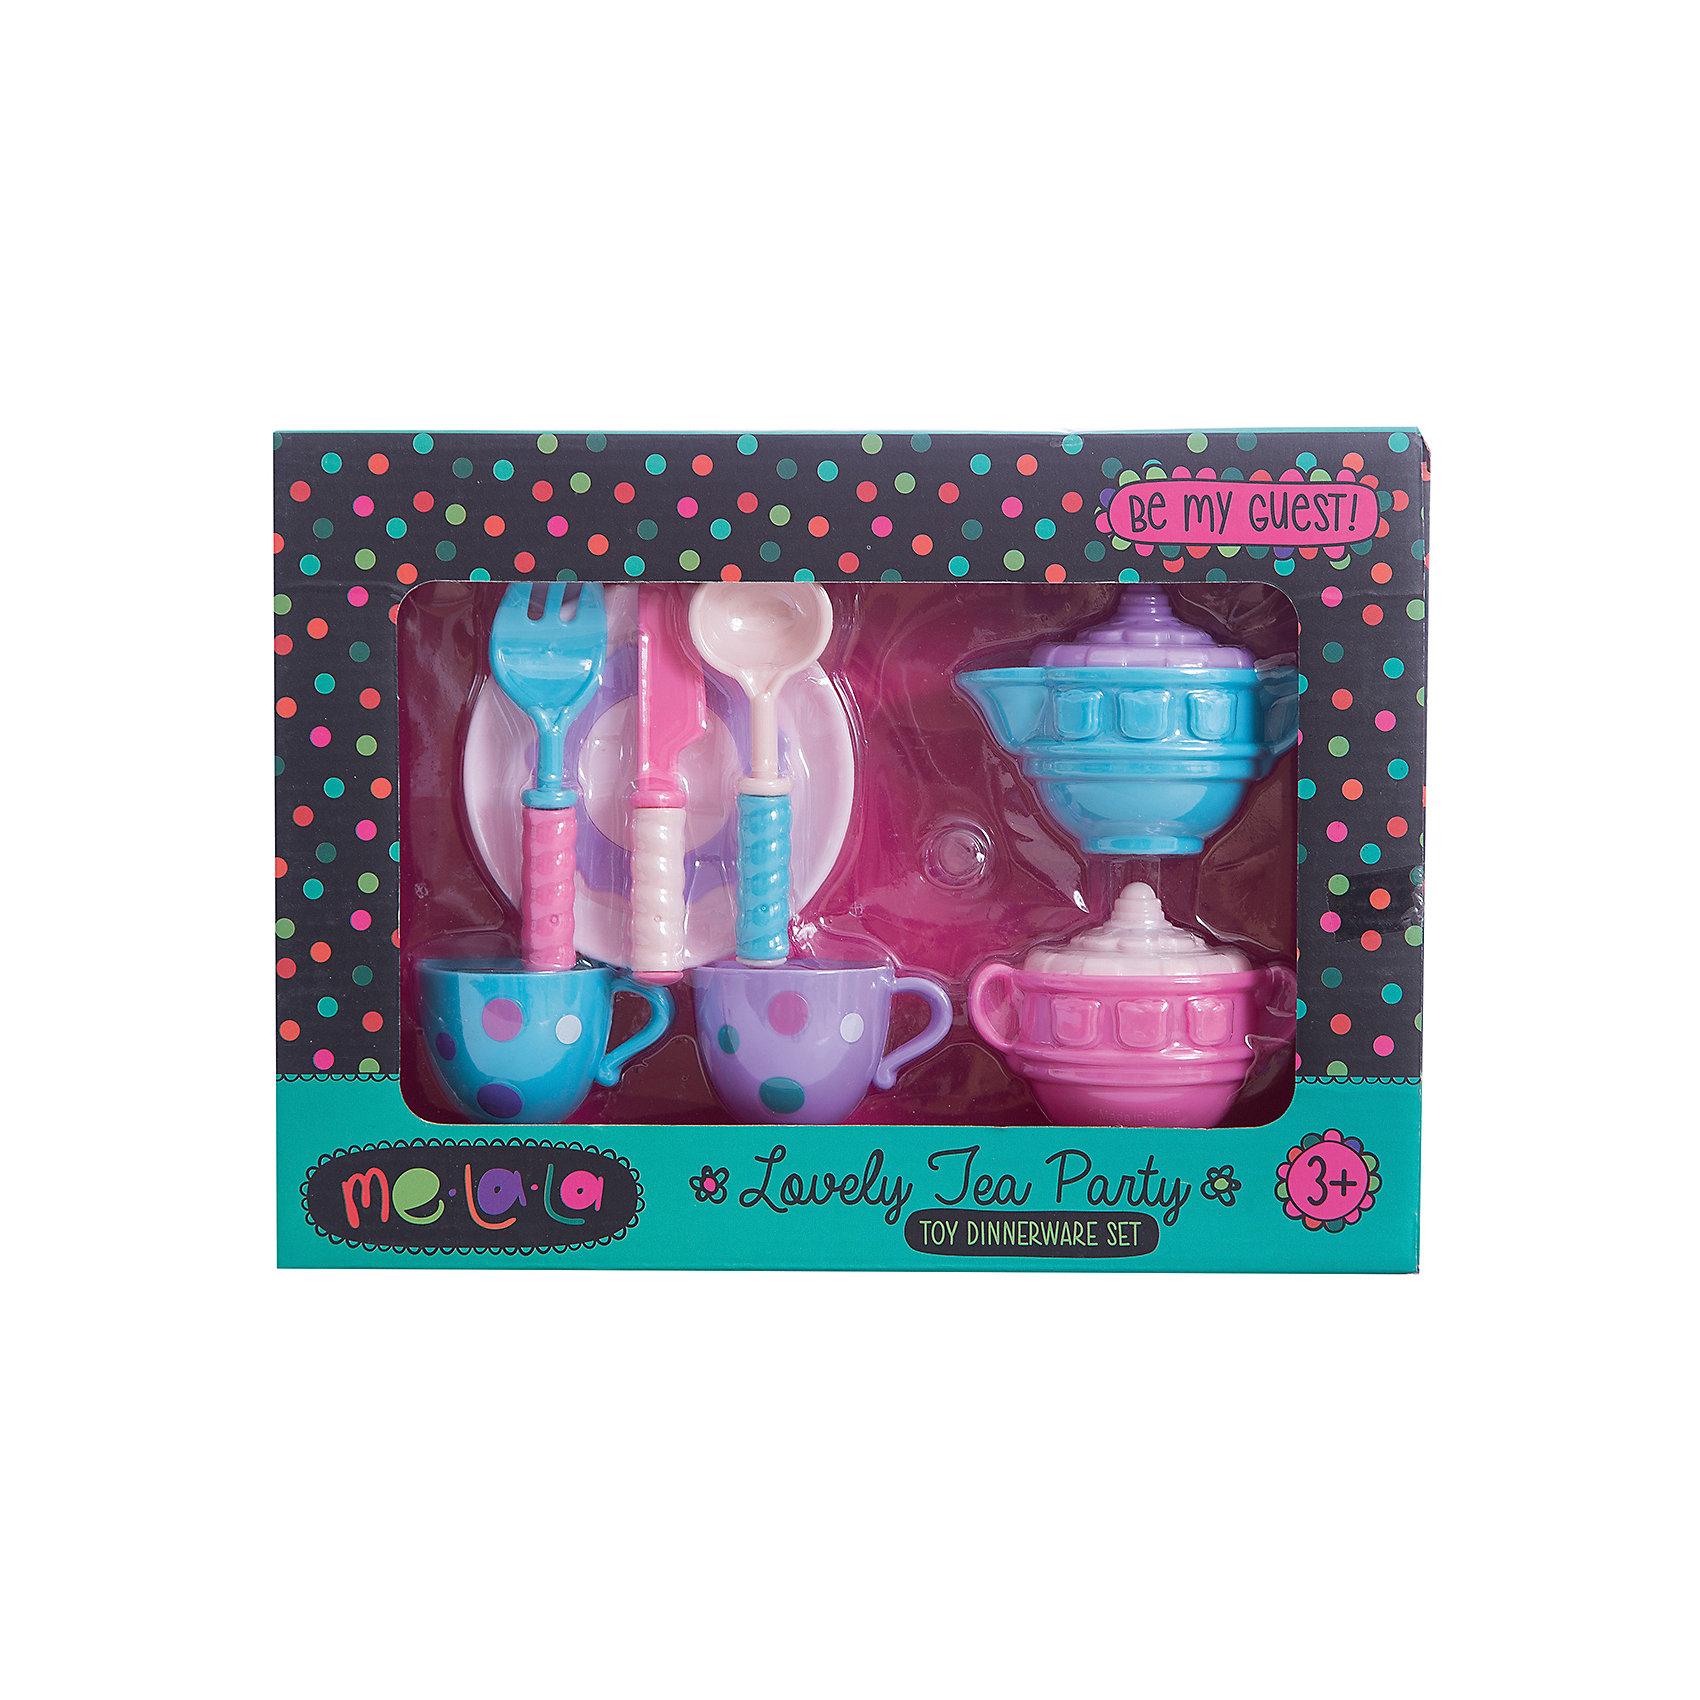 Набор посудки За чашкой чая, MeLaLaНабор посудки За чашкой чая, MeLaLa.<br><br>Характеристики:<br><br>• приятный дизайн<br>• набор полностью безопасен для ребенка<br>• материал: пластик <br>• в комплекте: 2 кружки, молочник, сахарница, тарелка, ложка, вилка, нож<br>• размер упаковки: 20х6х28 см<br>• вес: 190 грамм<br><br>Набор За чашкой чая поможет девочке устроить светский прием для своих игрушек. В набор входит всё самое необходимое для чаепития. Молочник и сахарница имеют красивый рельефный узор. Чашечки украшены рисунком в горох. Вся посуда полностью безопасна для ребенка. С таким набором девочка с радостью научится устраивать званый ужин!<br><br>Вы можете купить набор посудки За чашкой чая, MeLaLa в нашем интернет-магазине.<br><br>Ширина мм: 280<br>Глубина мм: 60<br>Высота мм: 200<br>Вес г: 190<br>Возраст от месяцев: 36<br>Возраст до месяцев: 120<br>Пол: Женский<br>Возраст: Детский<br>SKU: 5017680